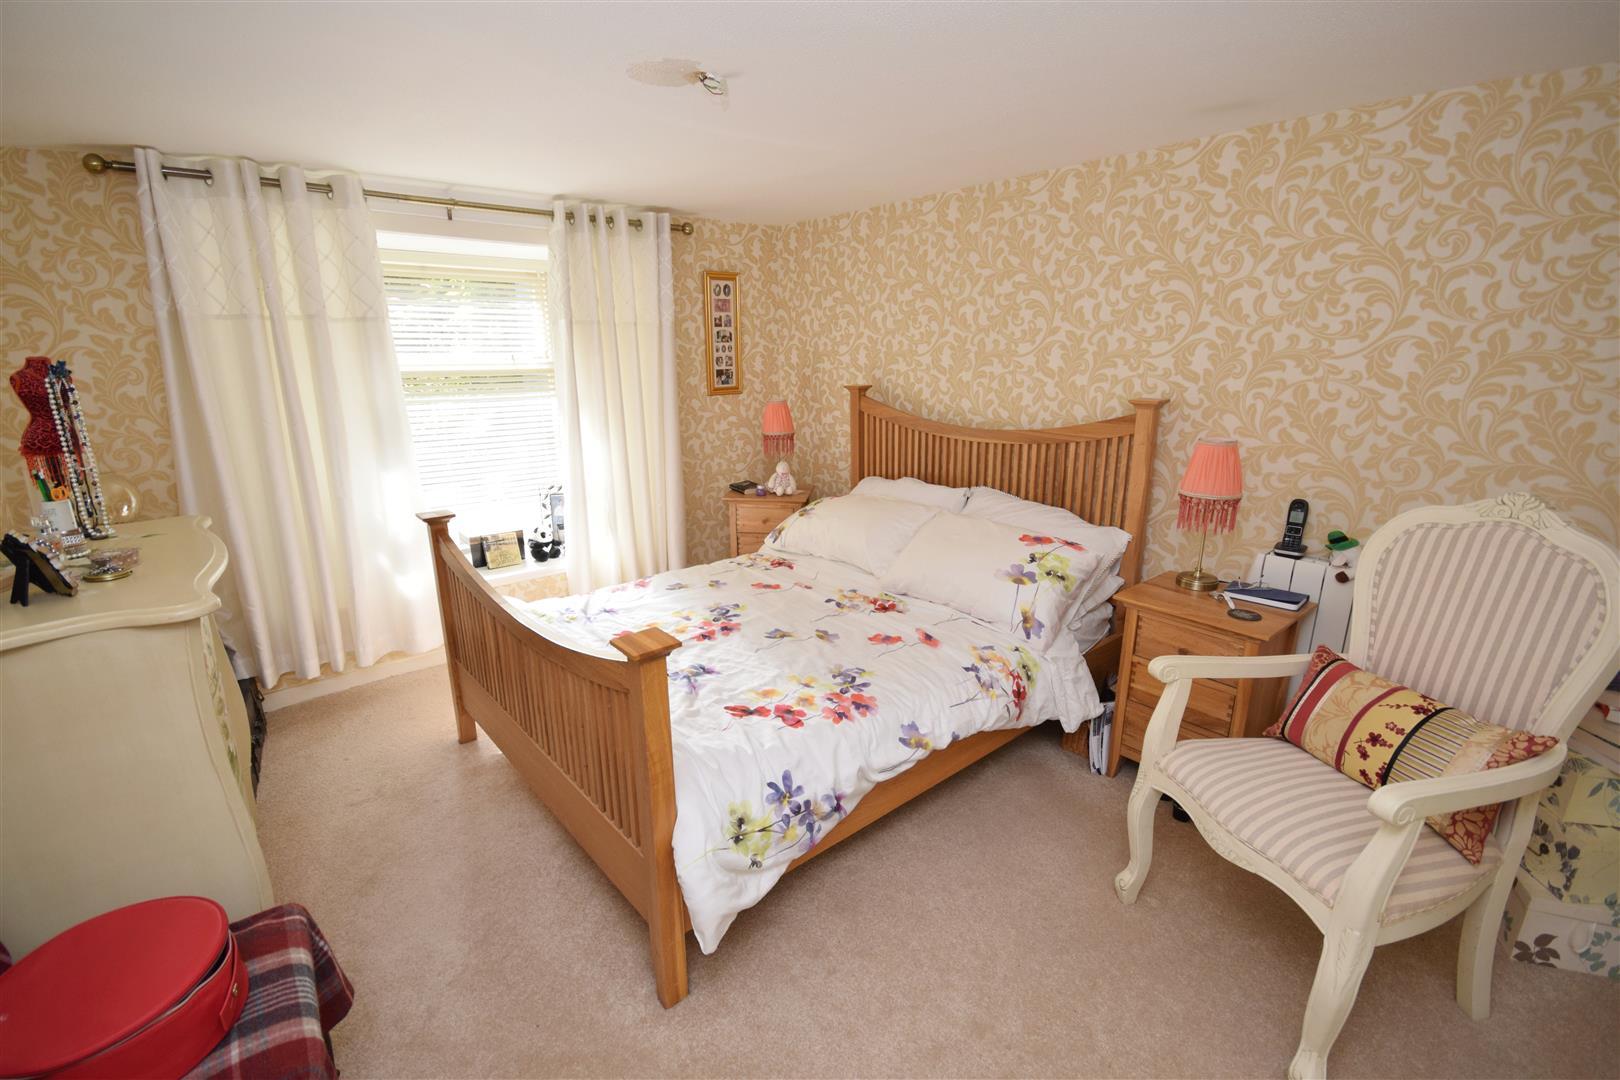 15B, Rose Terrace, Perth, Perthshire, PH1 5HA, UK